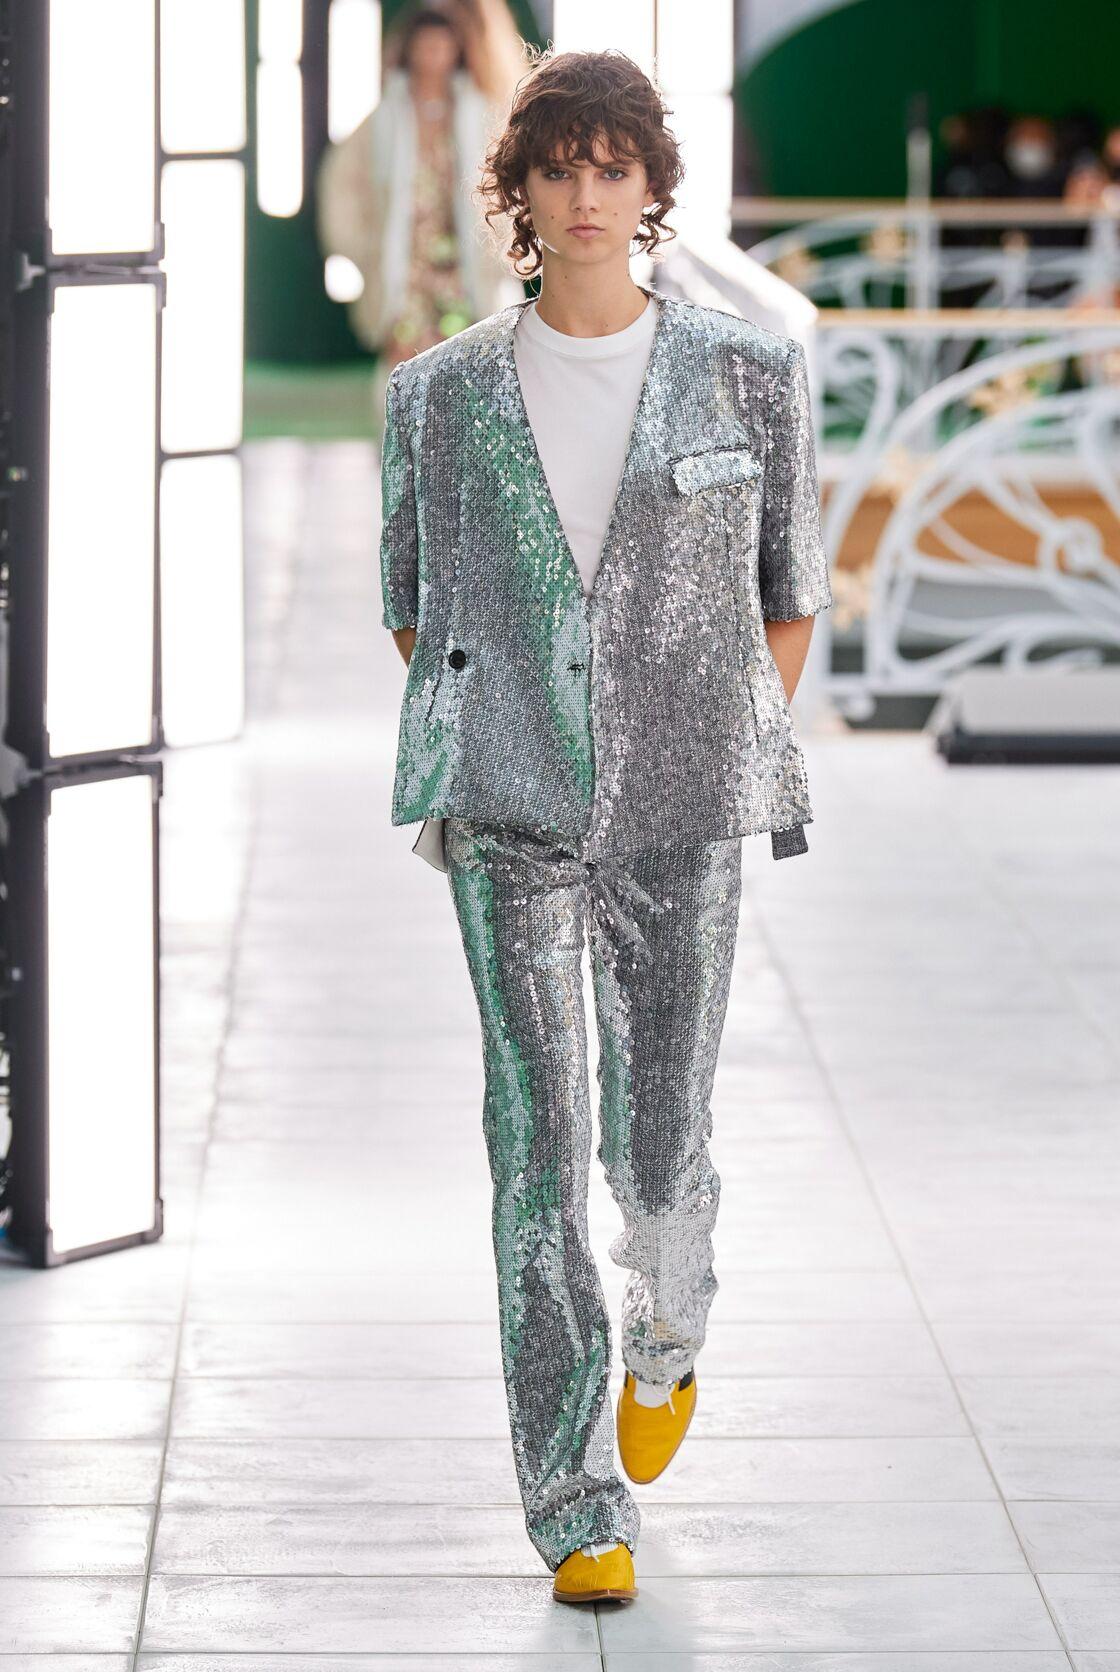 Le costume lamé revisité par Nicolas Ghesquière chez Louis Vuitton. On aime le t-shirt blanc pour décontracter l'allure!